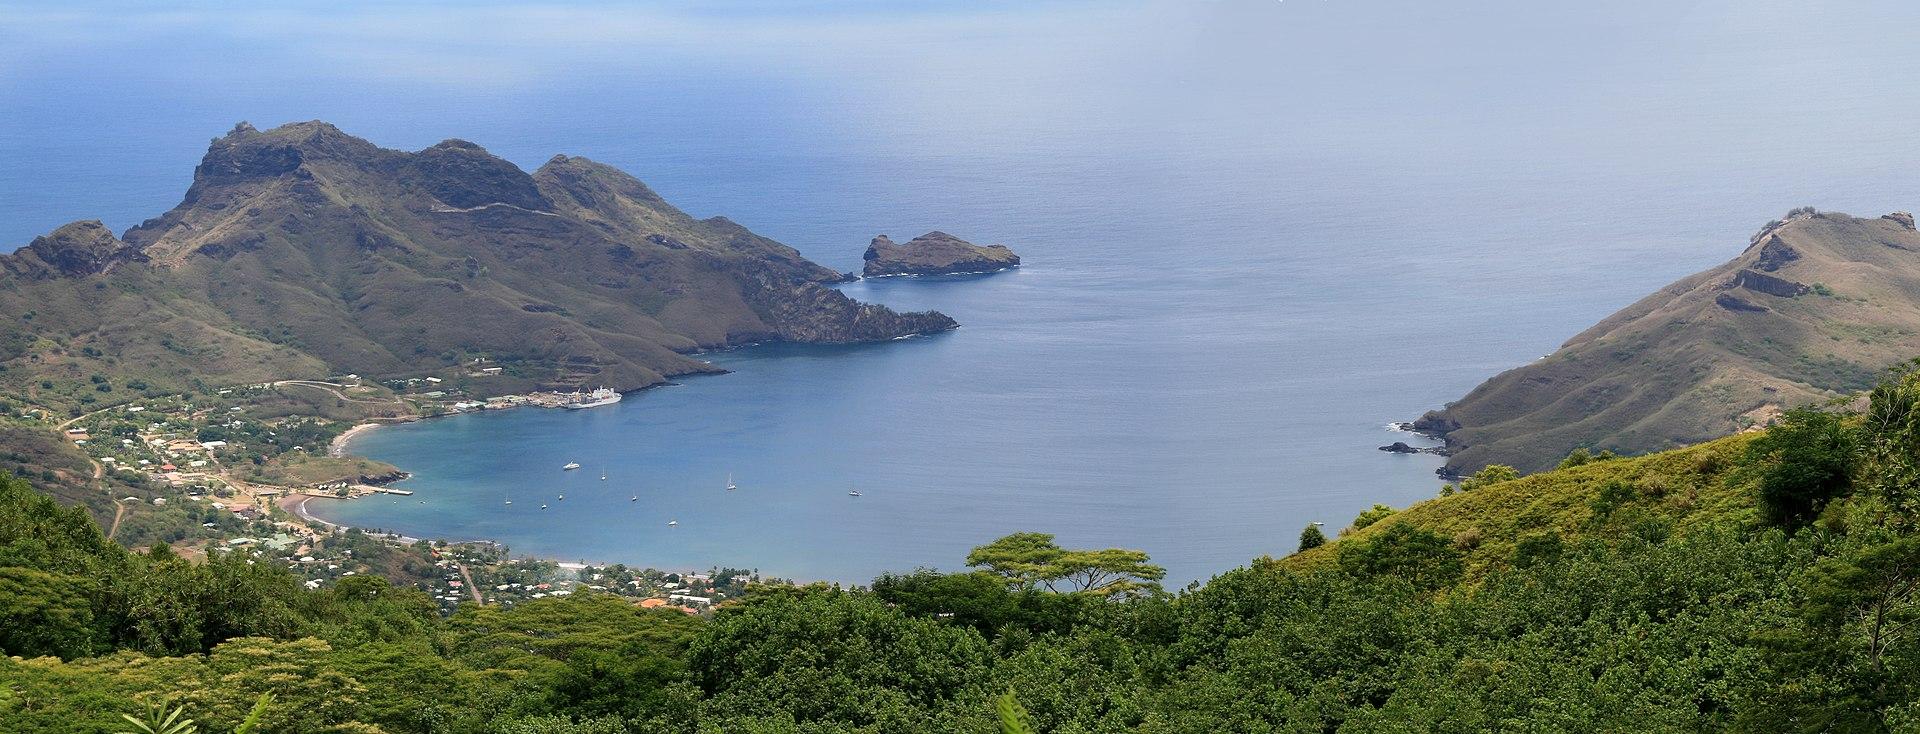 Taiohae Bay, Nuku-Hiva